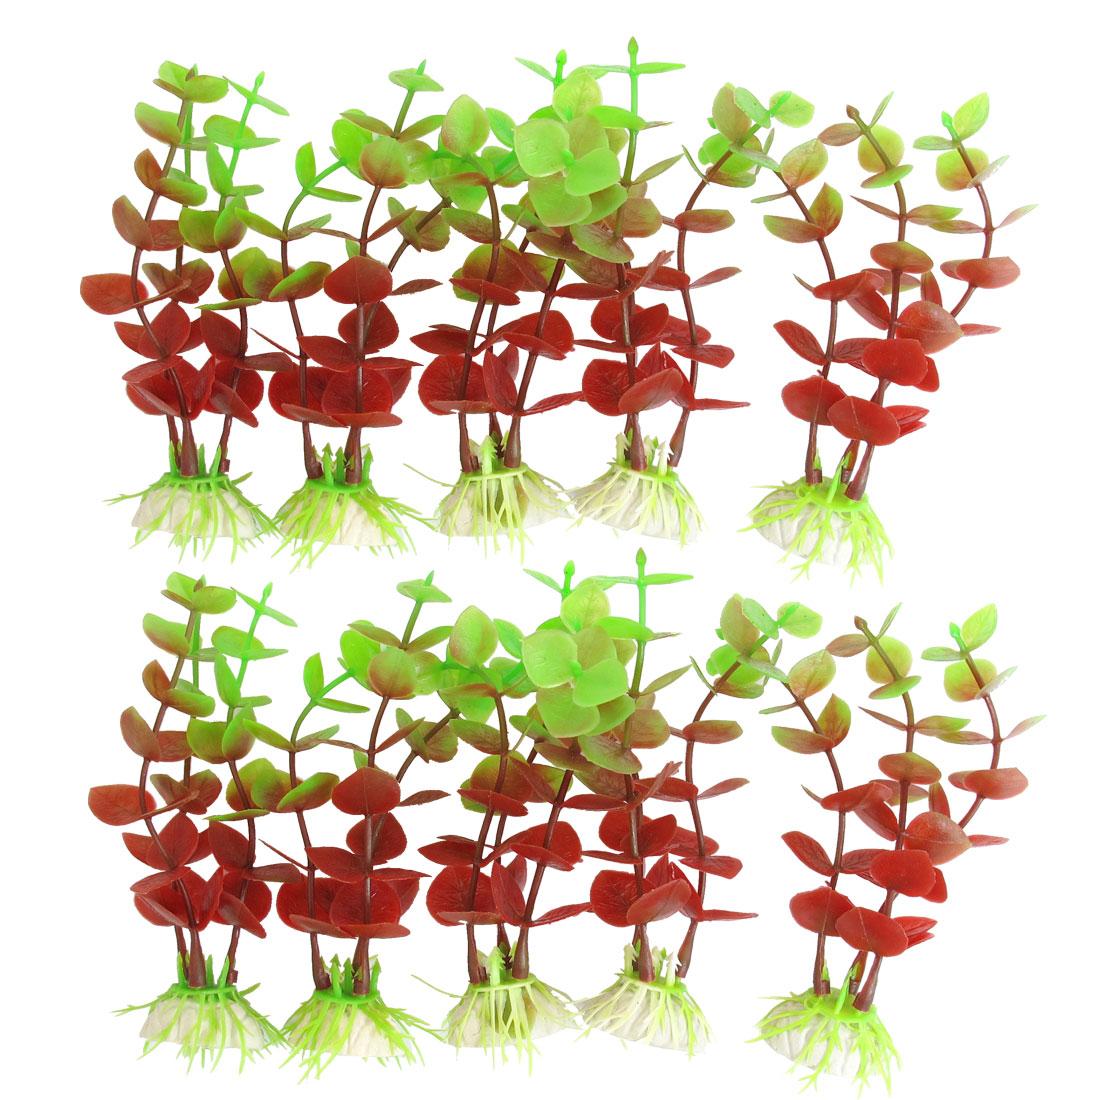 """10 Pcs Tank Aquarium Purple Green Plastic Aquatic Grass Plant Decor 4.7"""" Height"""